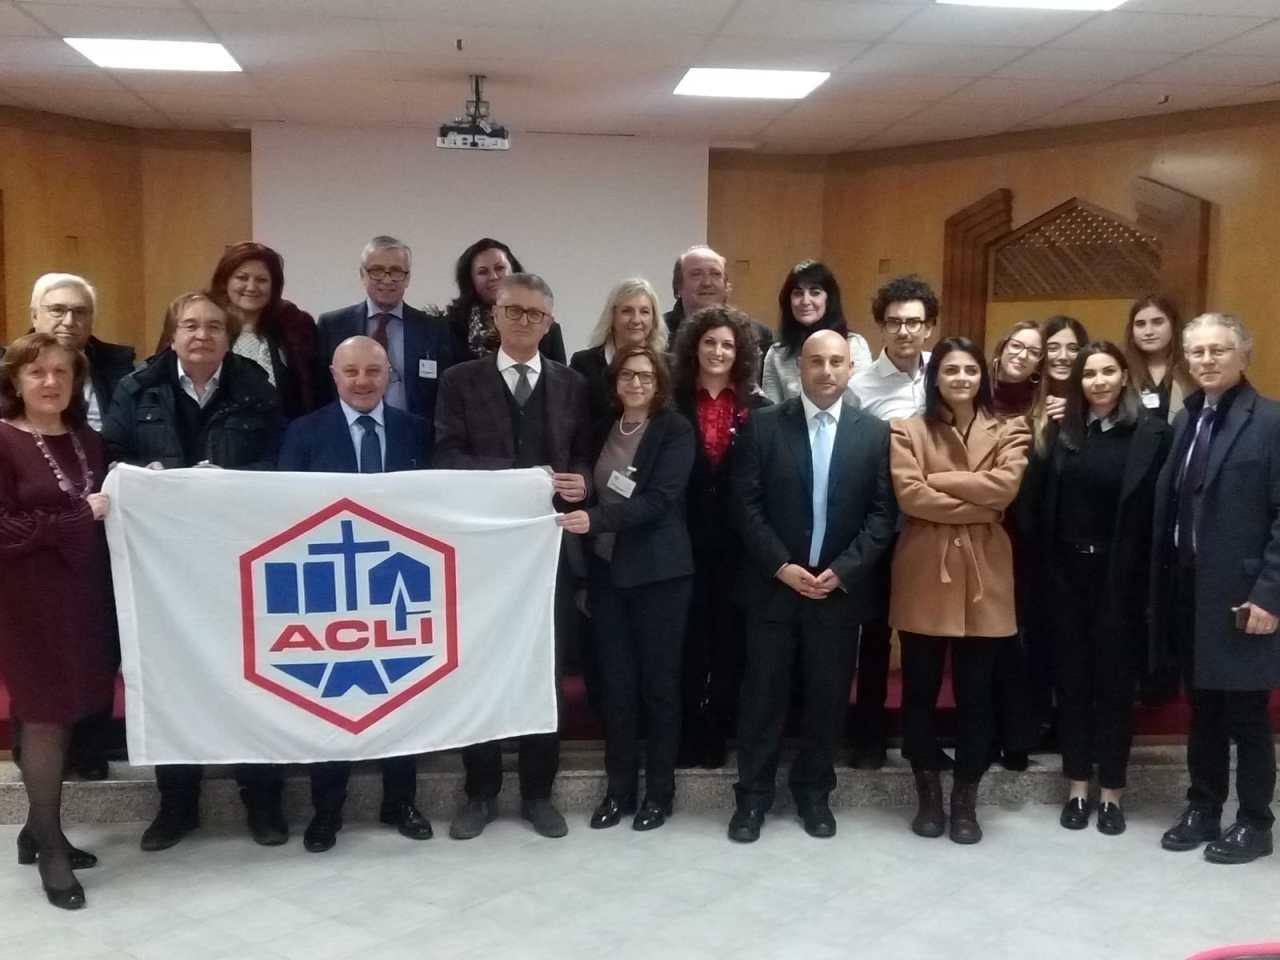 Celebrato XXVII° Congresso delle Acli provinciali diLatina